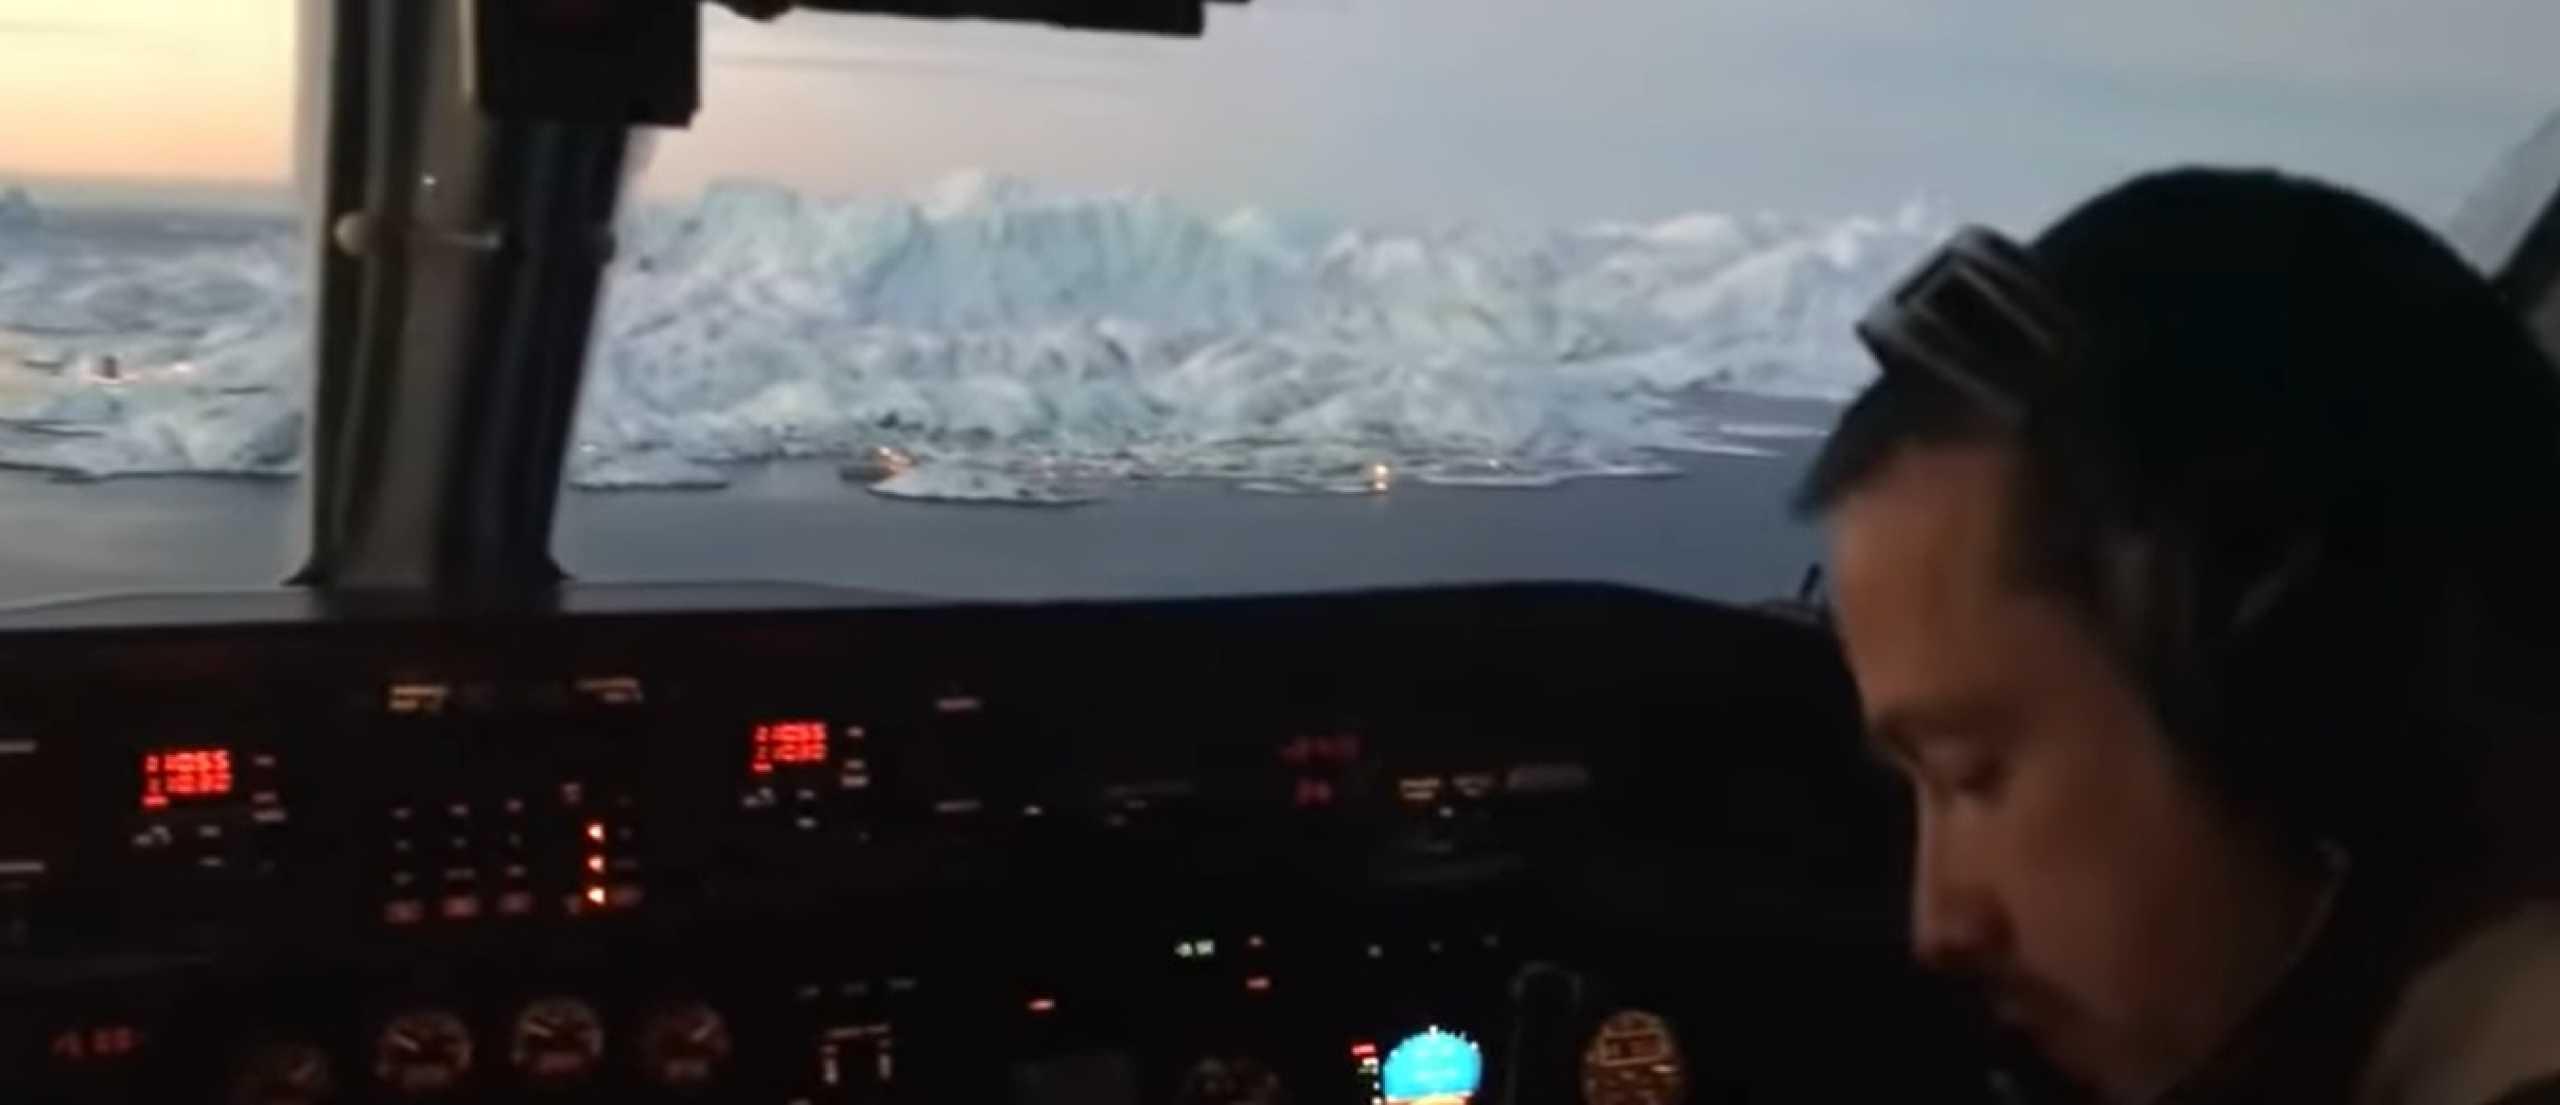 A incrível paisagem da Gronelândia filmada a partir do cockpit de avião